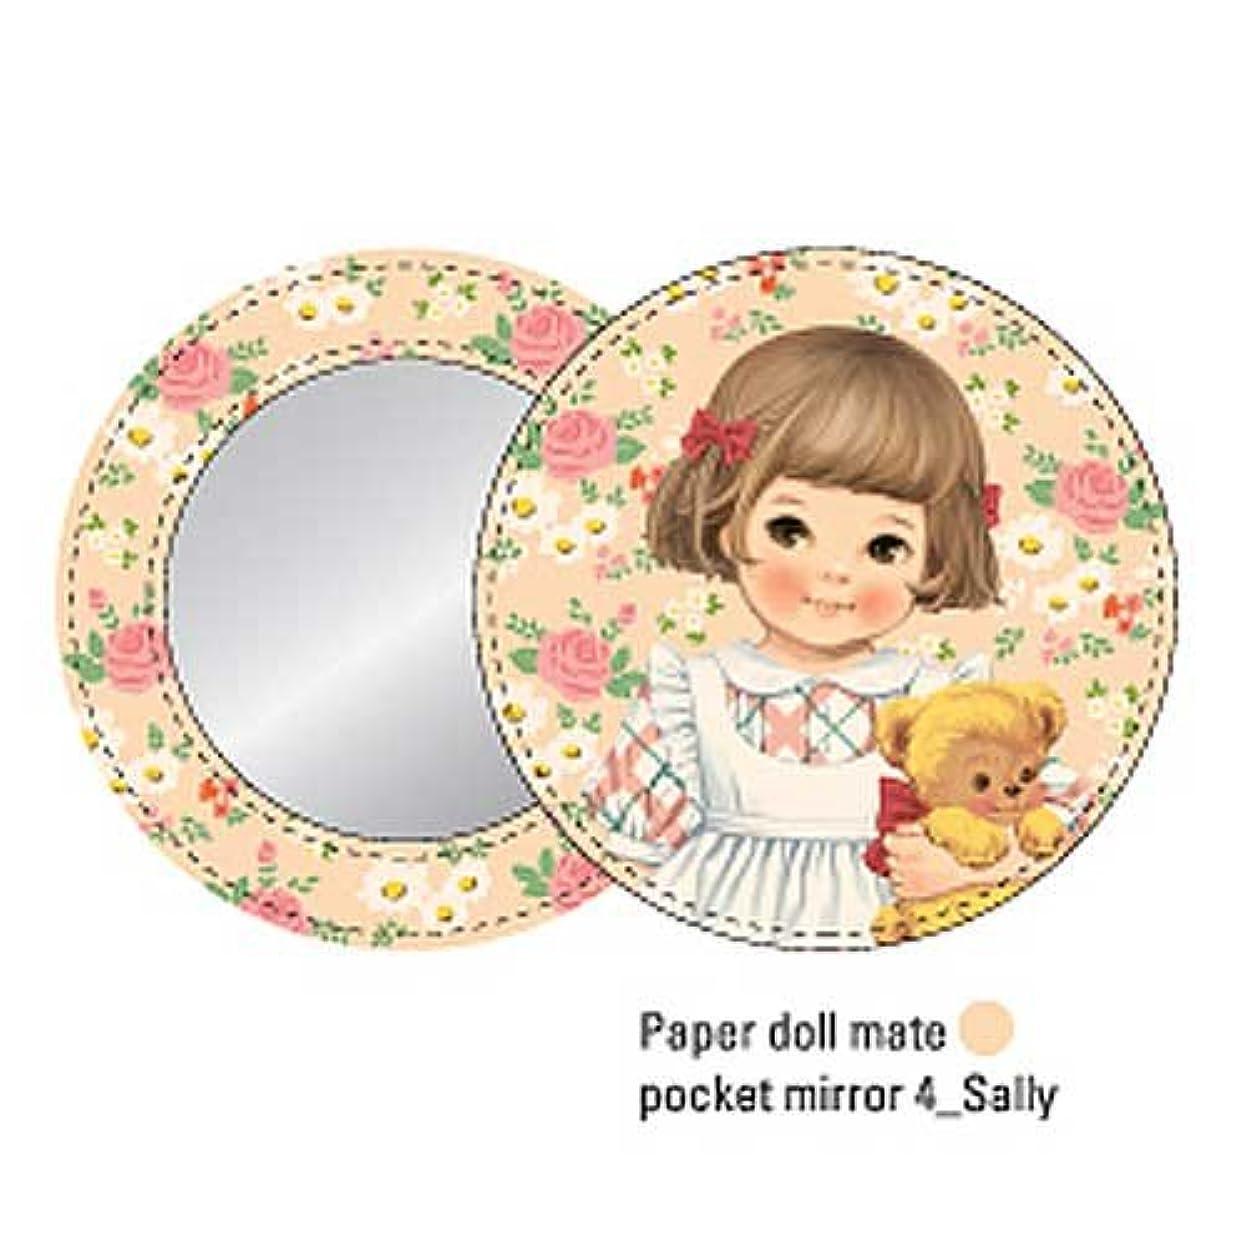 アイデア傑作アパルペーパードールメイト/丸くて可愛いポケットミラー (ver4-Sally)